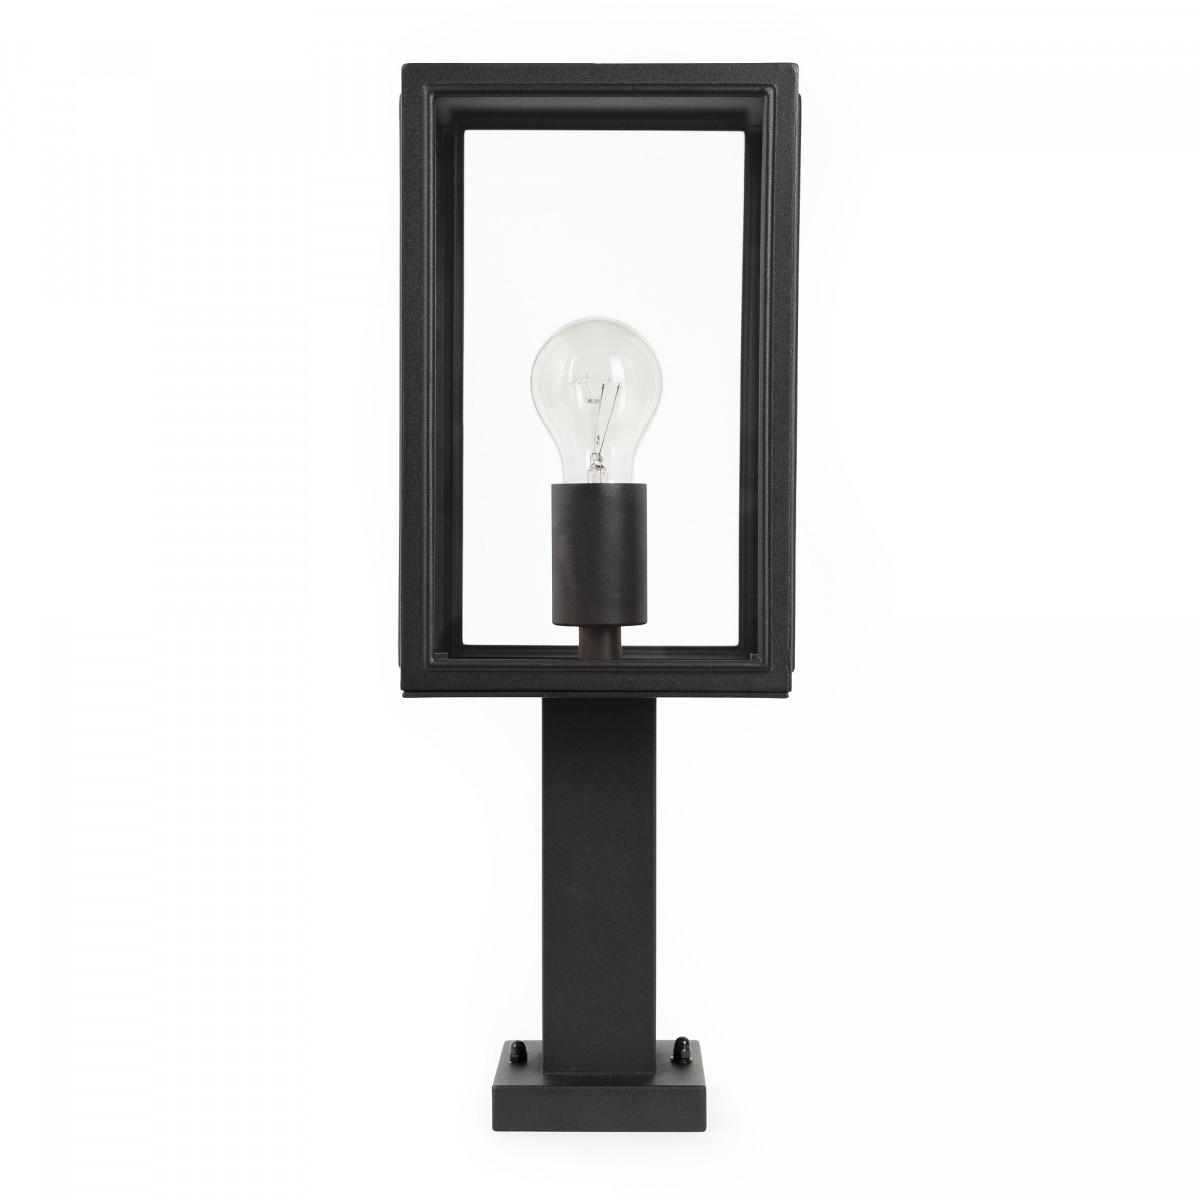 Buitenlamp staand zwart Soho Sokkel moderne zwarte staande buitenverlichting